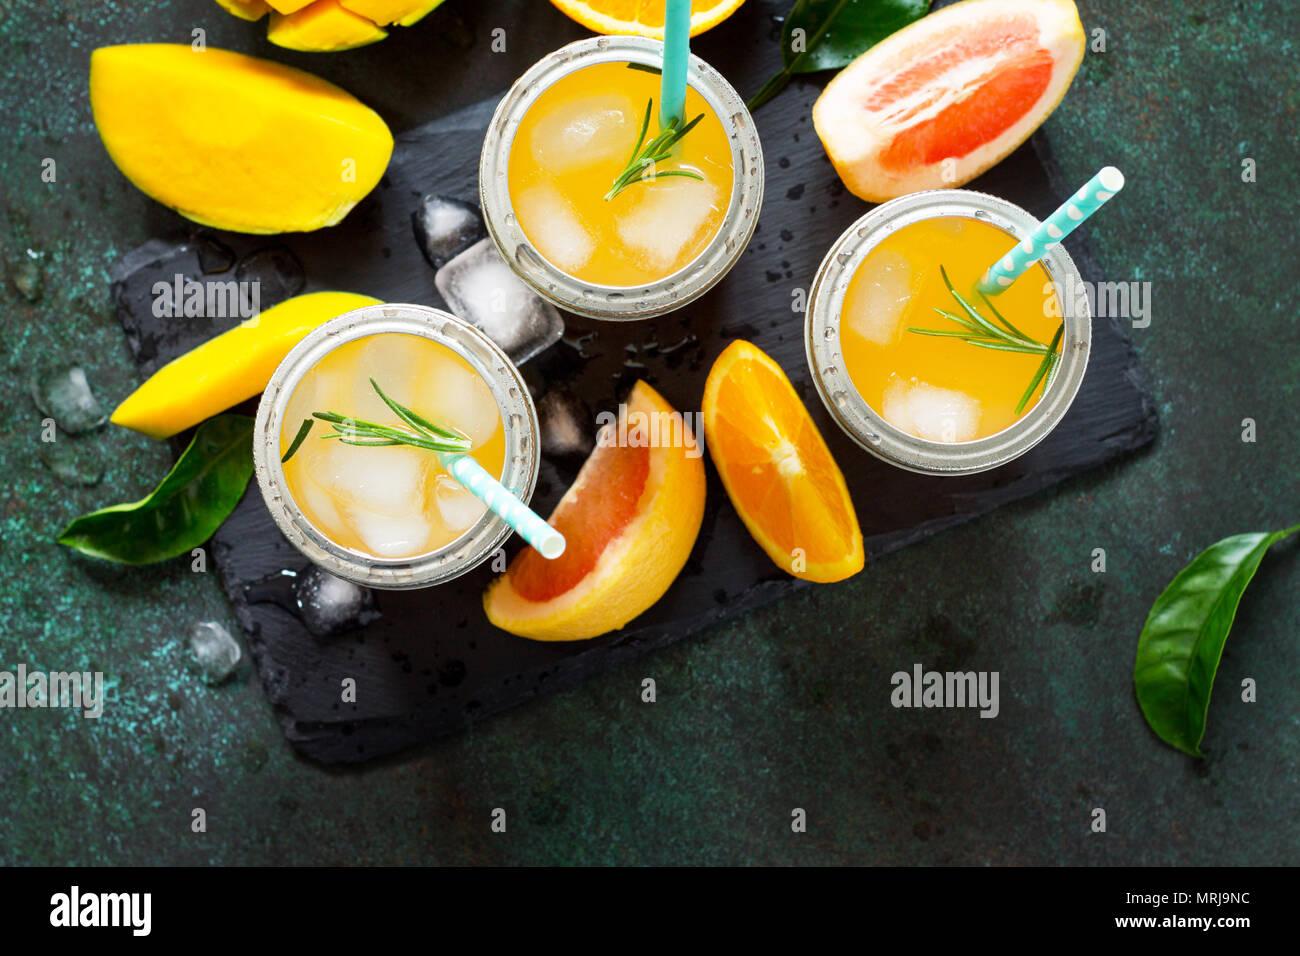 Des cocktails d'été d'agrumes et de mangue, boisson froide ou un verre avec de la glace sur une pierre sombre arrière-plan. Banque D'Images